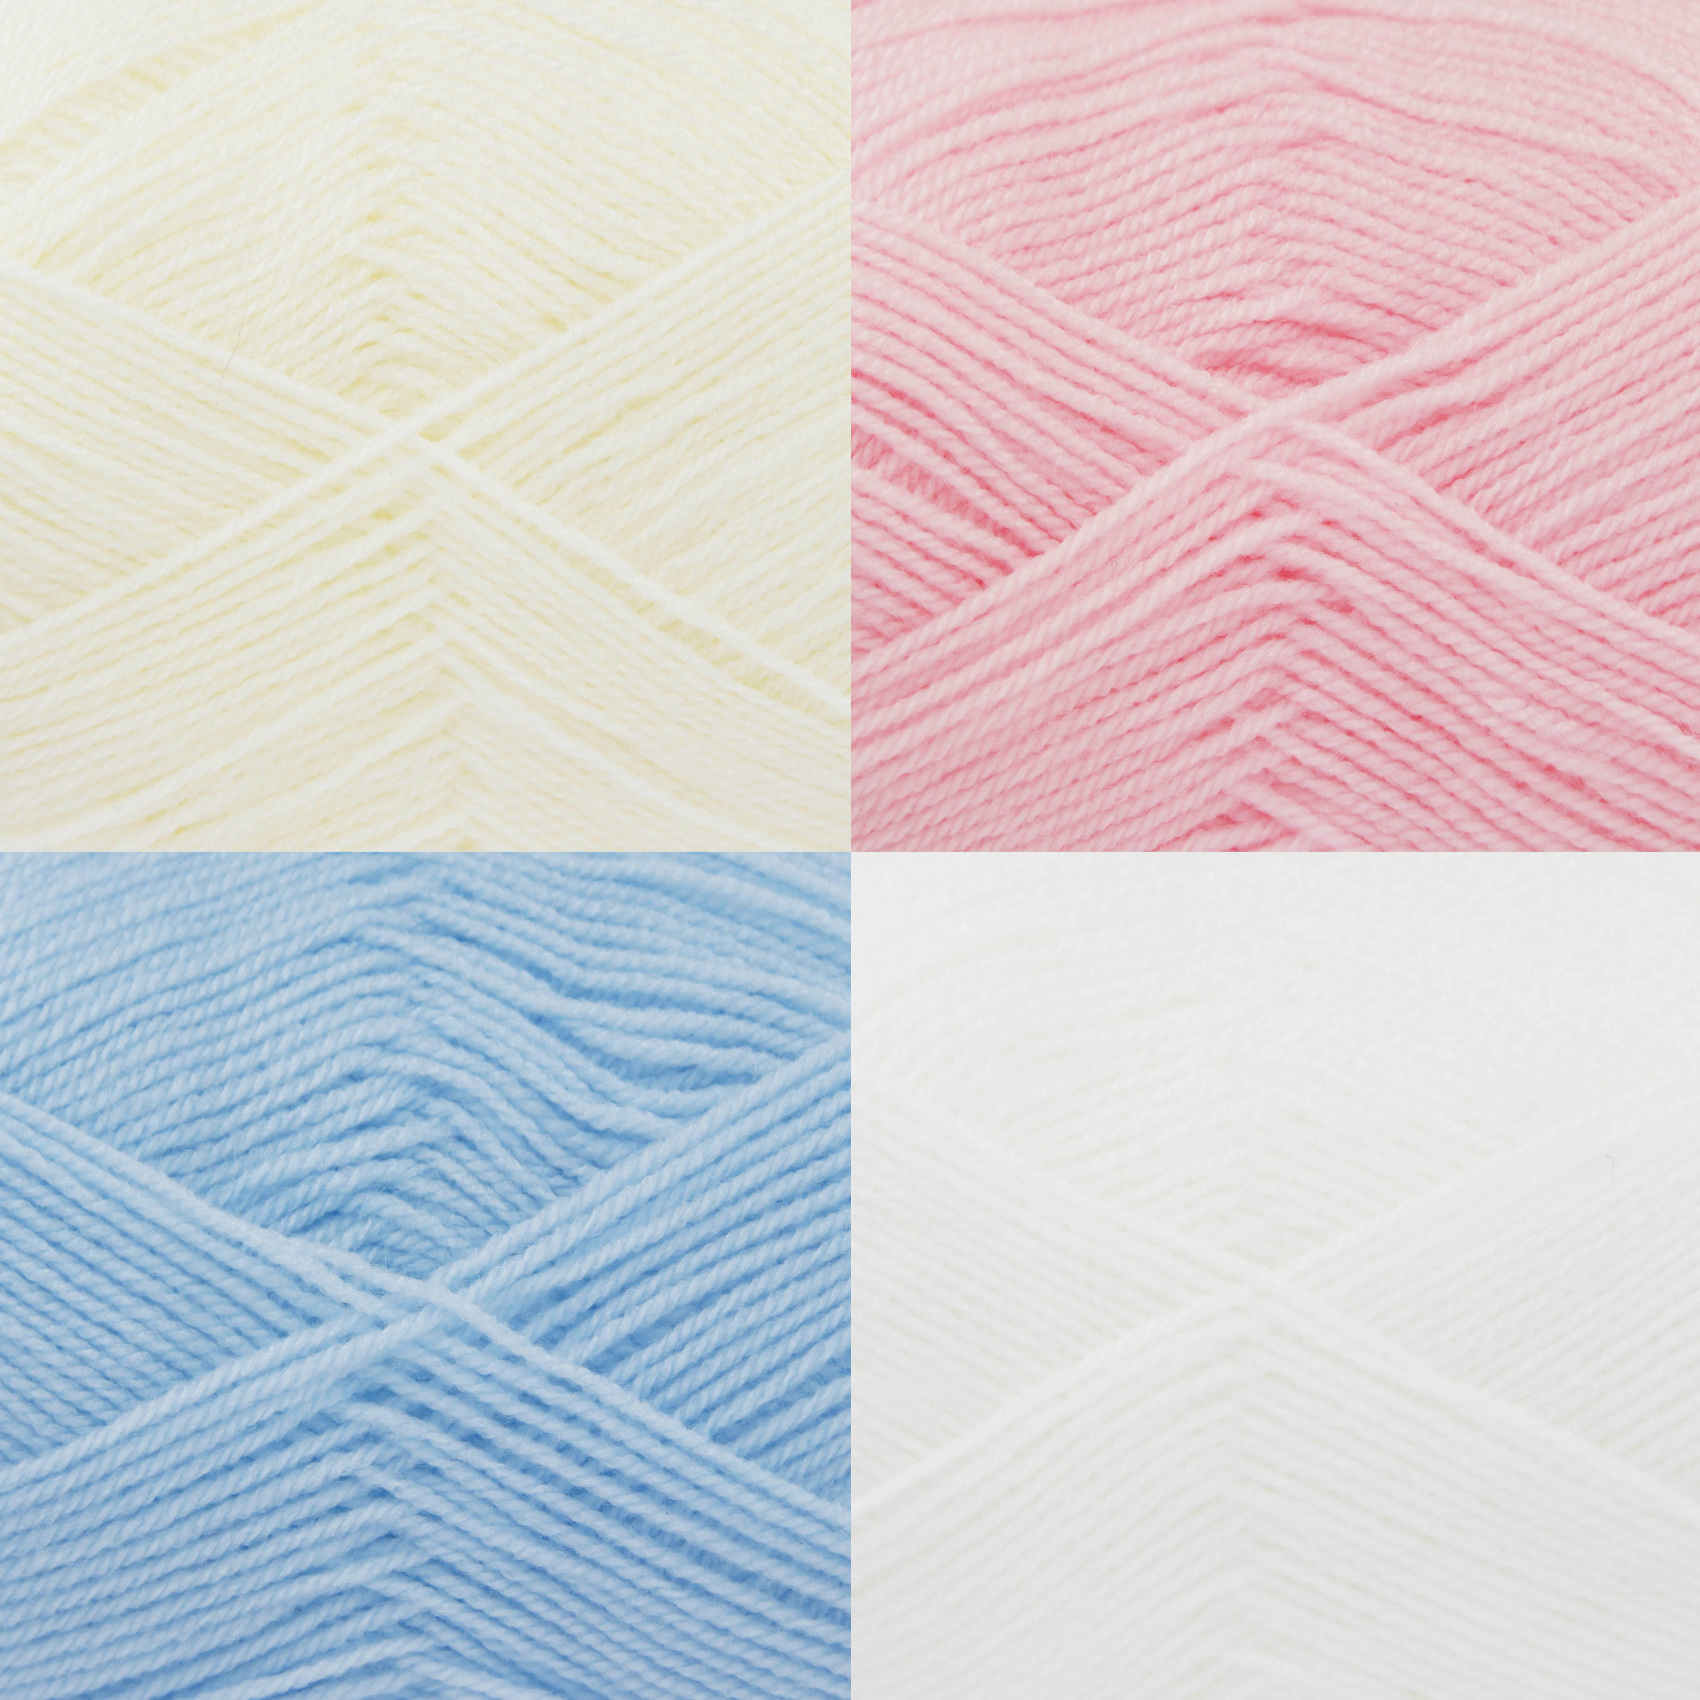 Knitting Patterns 4 Ply Wool : Big Value 4 Ply King Cole Acrylic Yarn 100g Ball Soft Wool Free Knitting Pattern